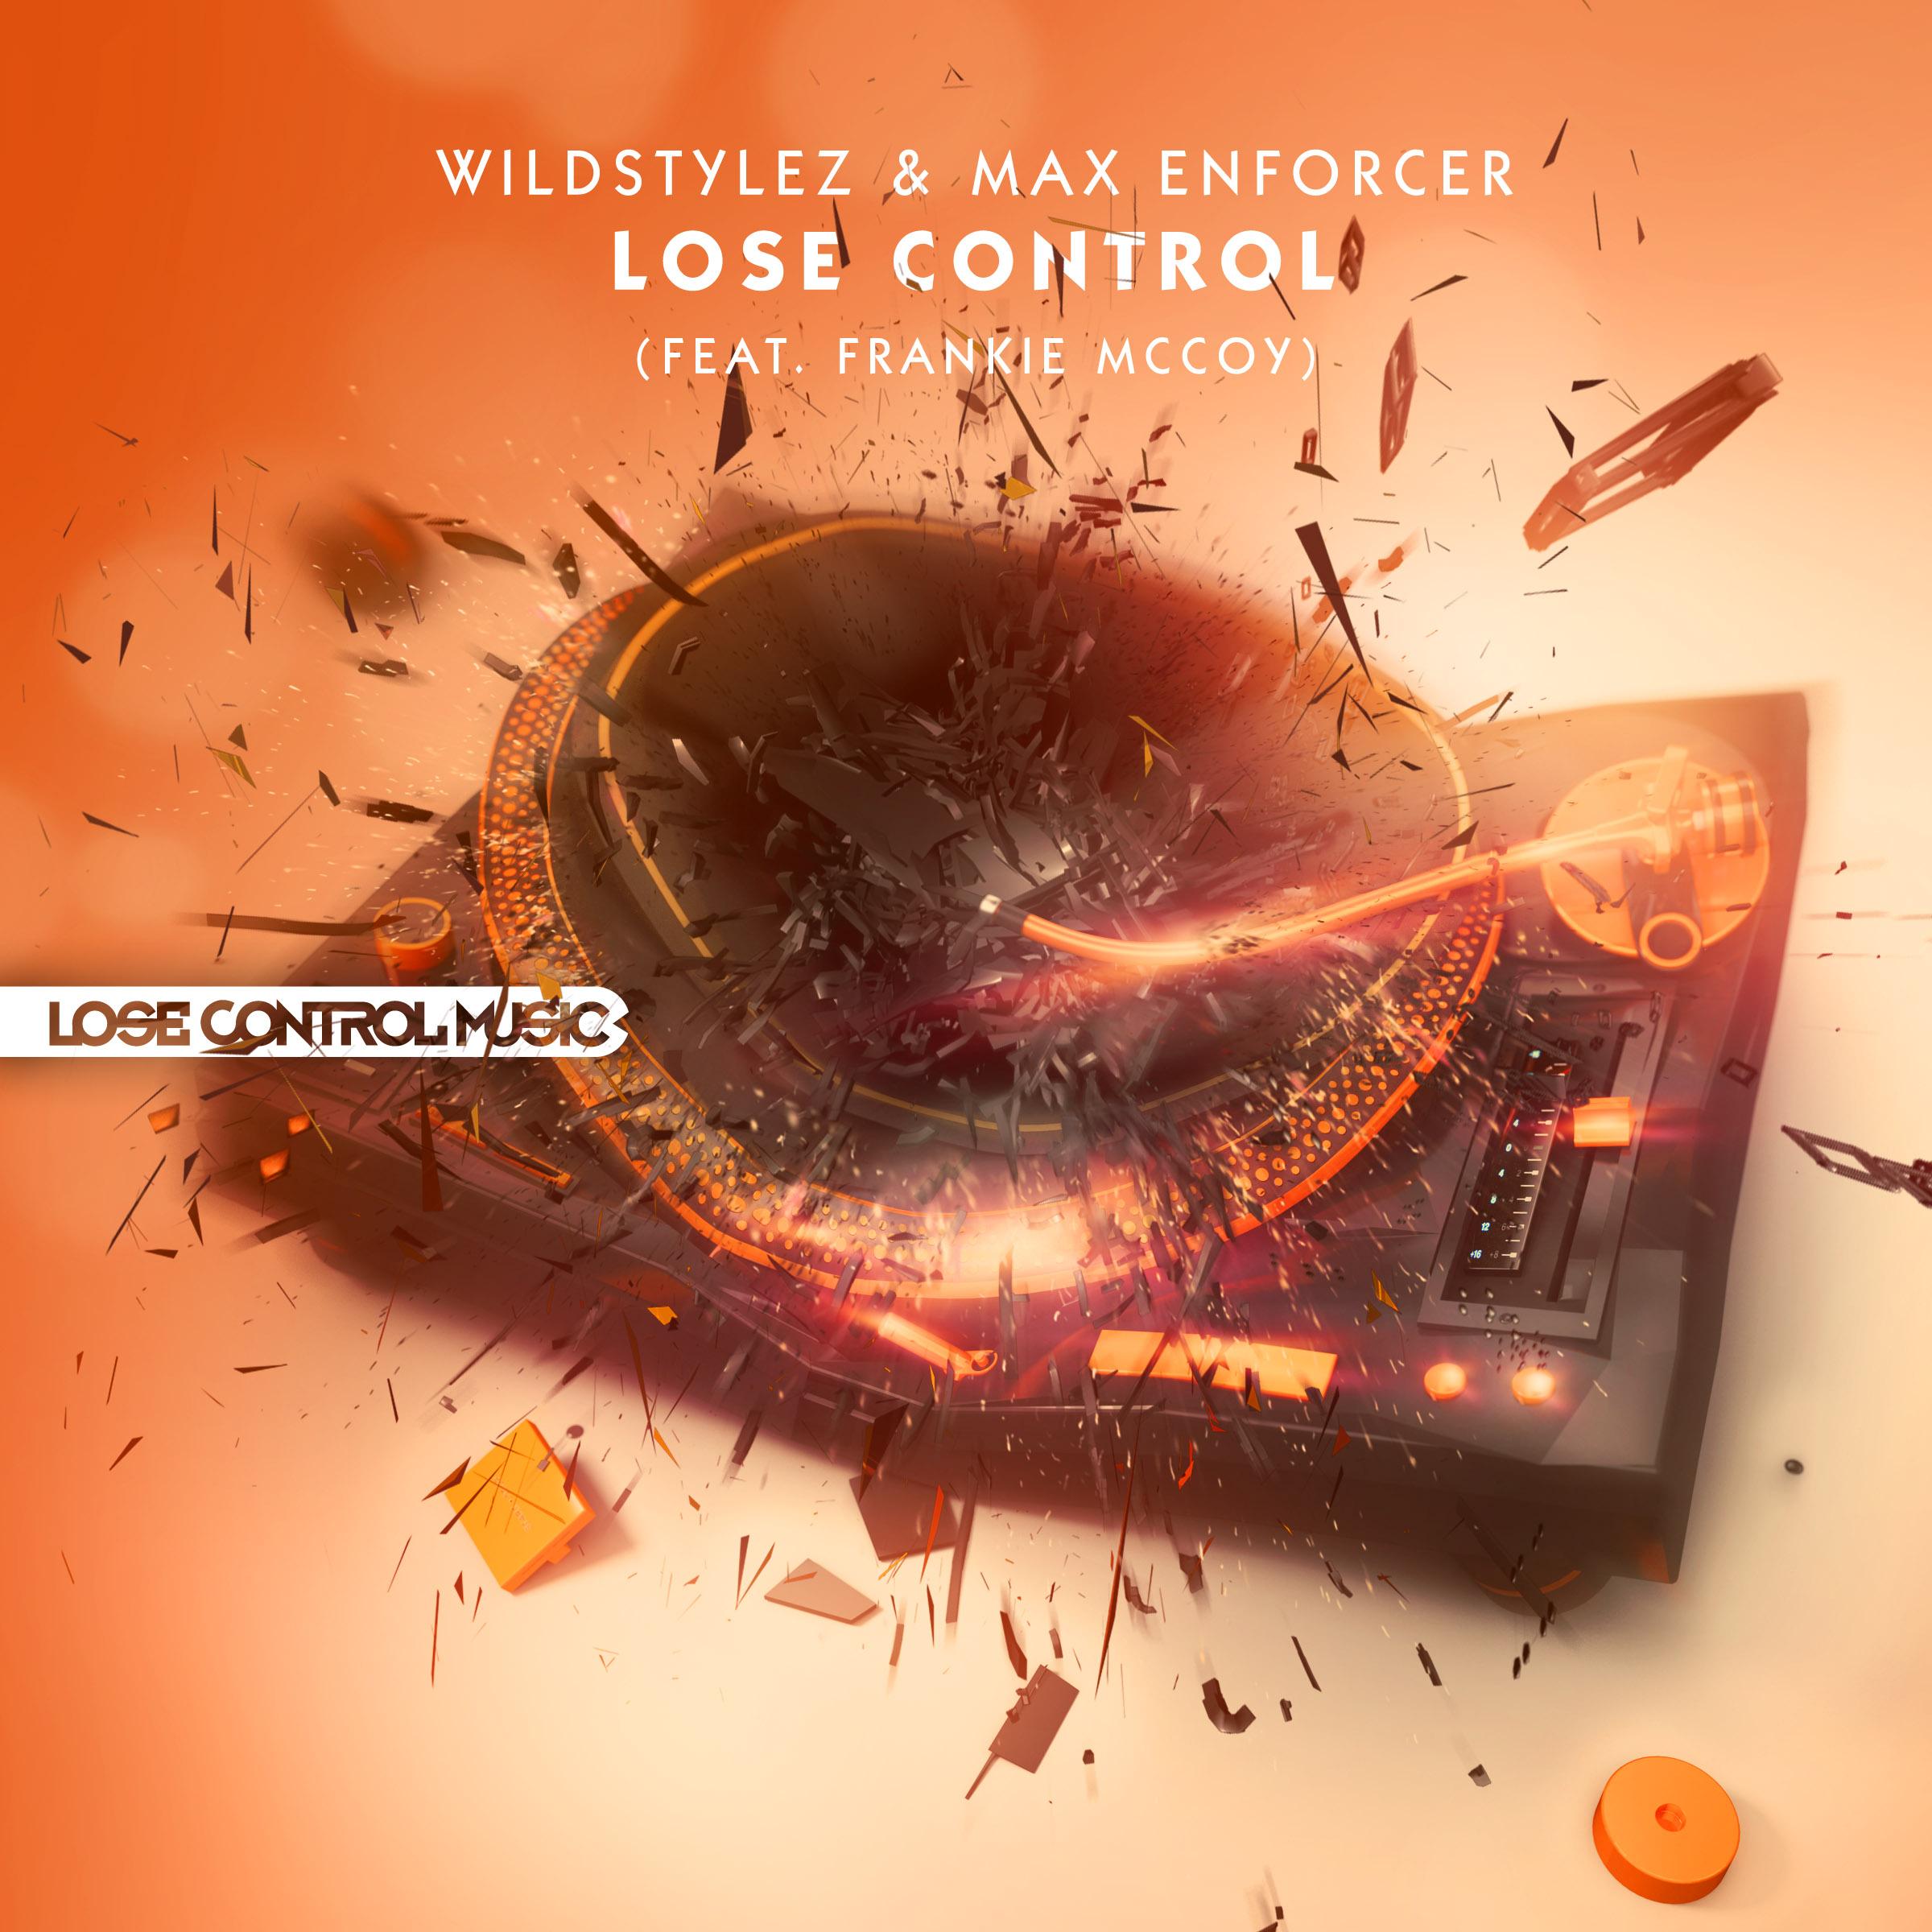 LCM002_Wildstylez & Max Enforcer - Lose Control (feat Frankie McCoy) 2400x2400 300dpi